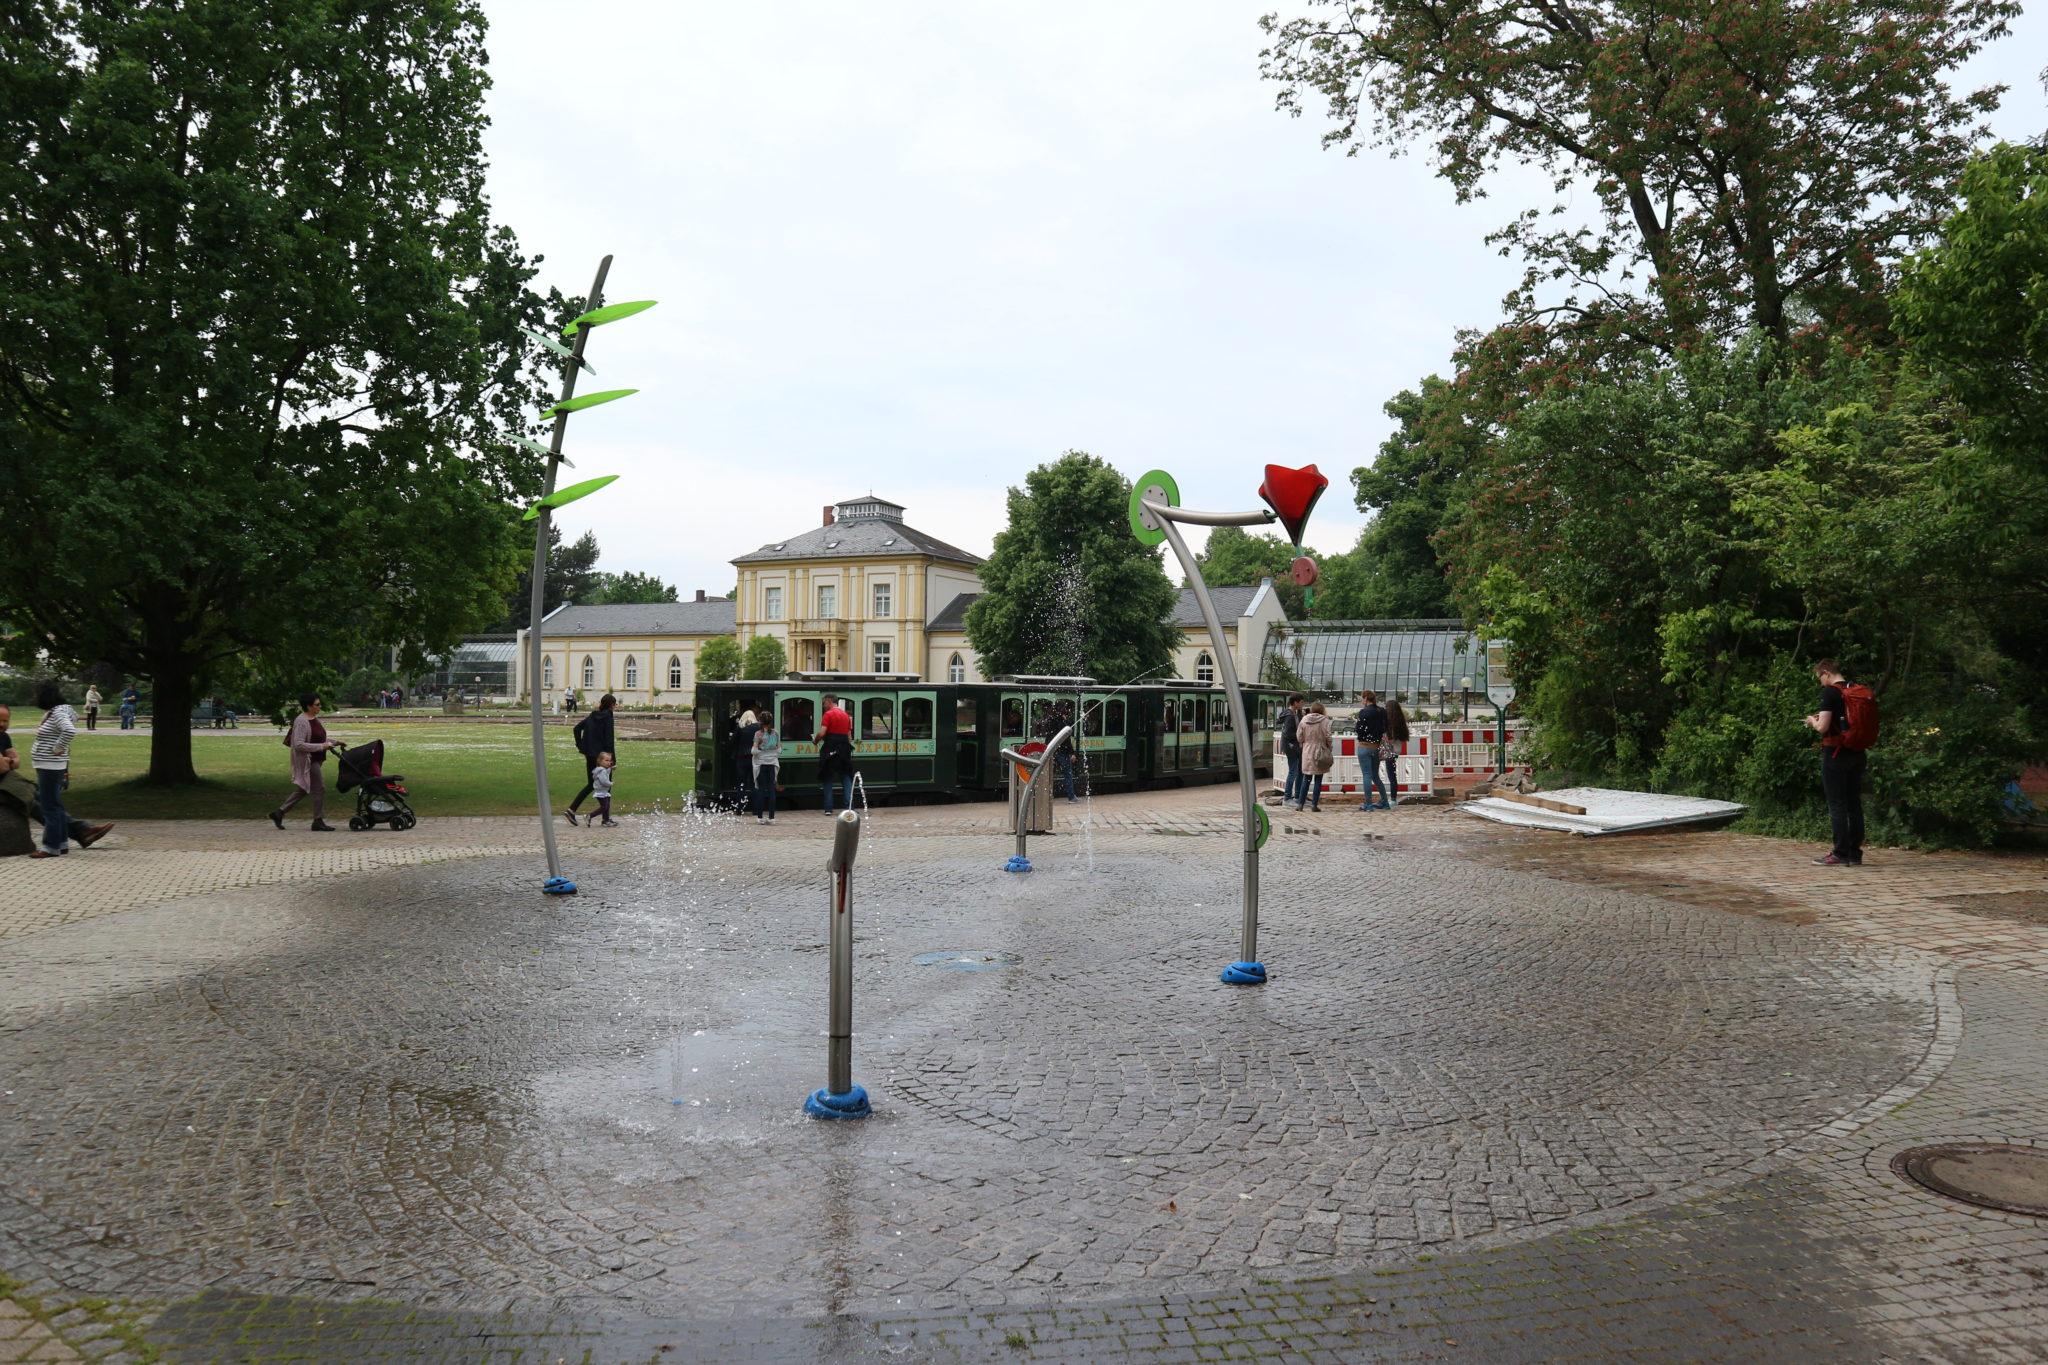 Wasserspielplatz mit dem Palmen-Express im Hintergrund